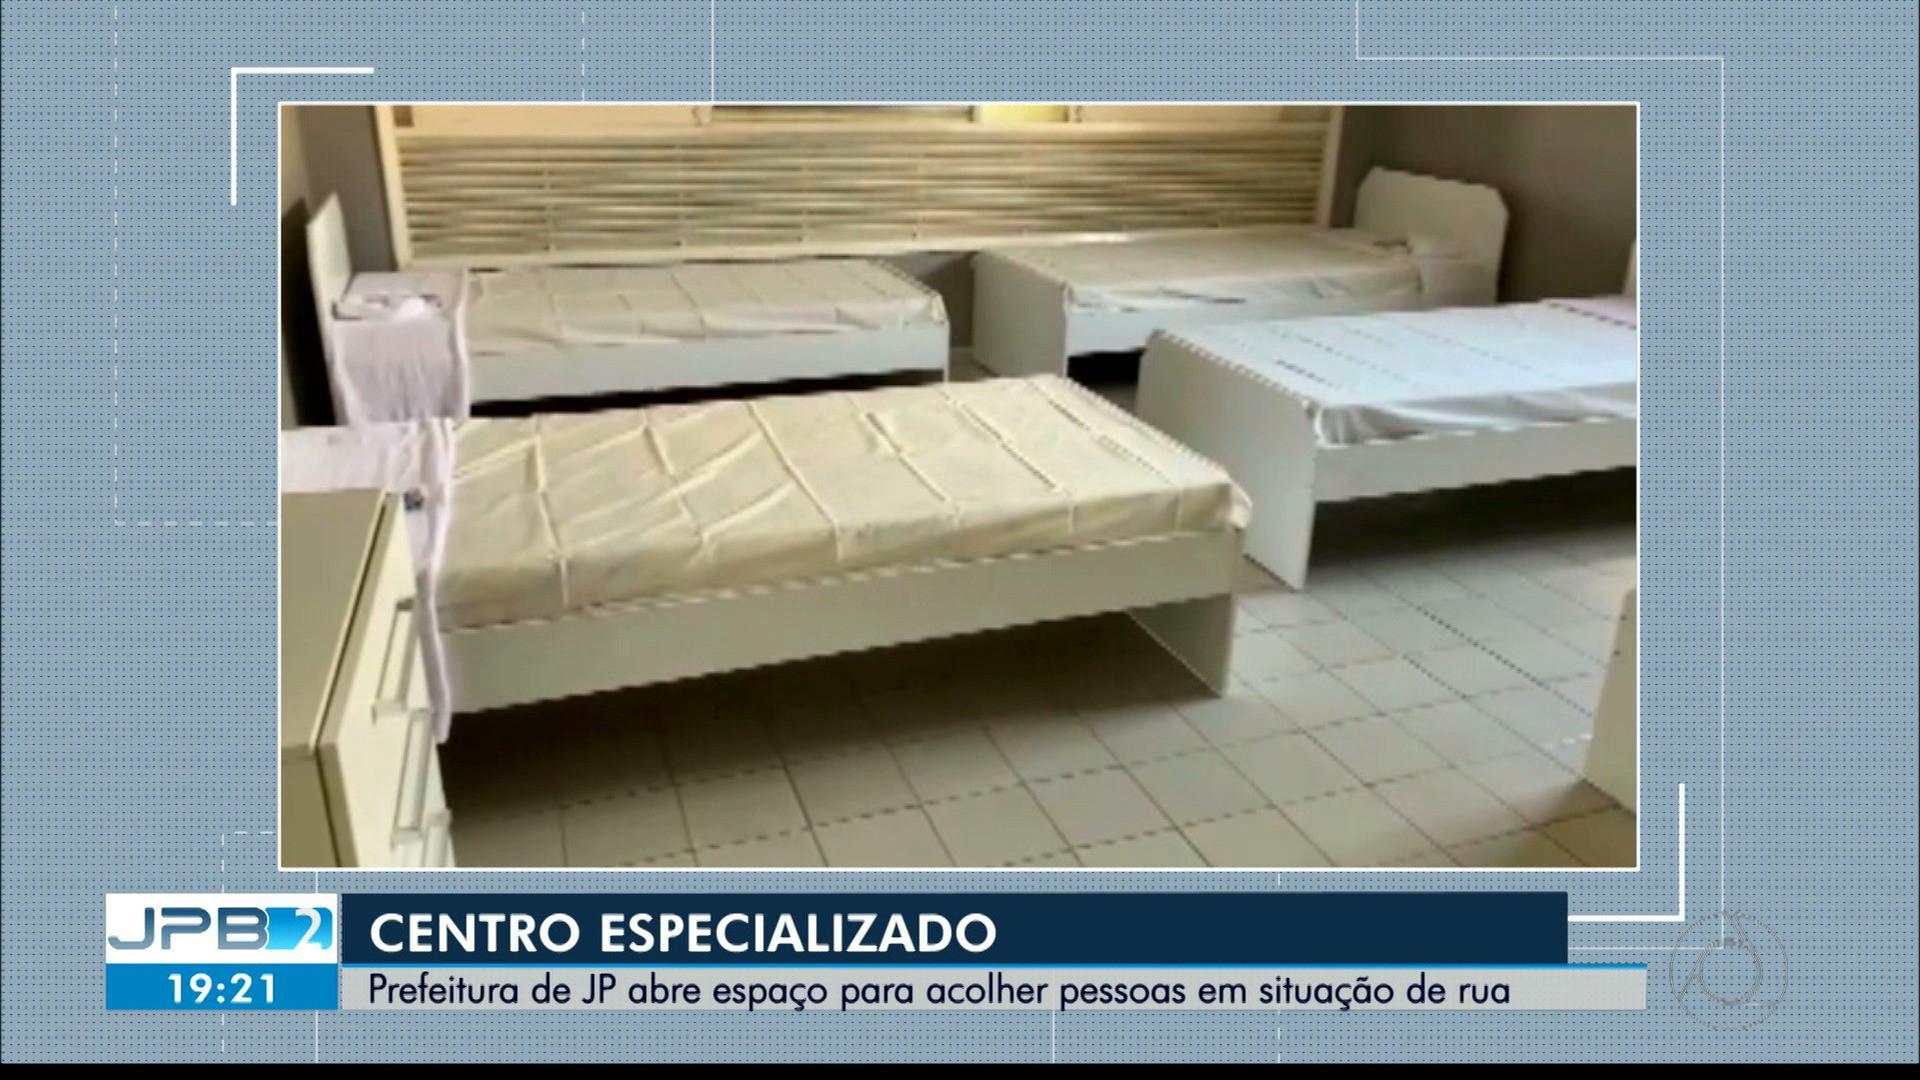 VÍDEOS: JPB 2 (TV Cabo Branco) de terça-feira, 9 de abril